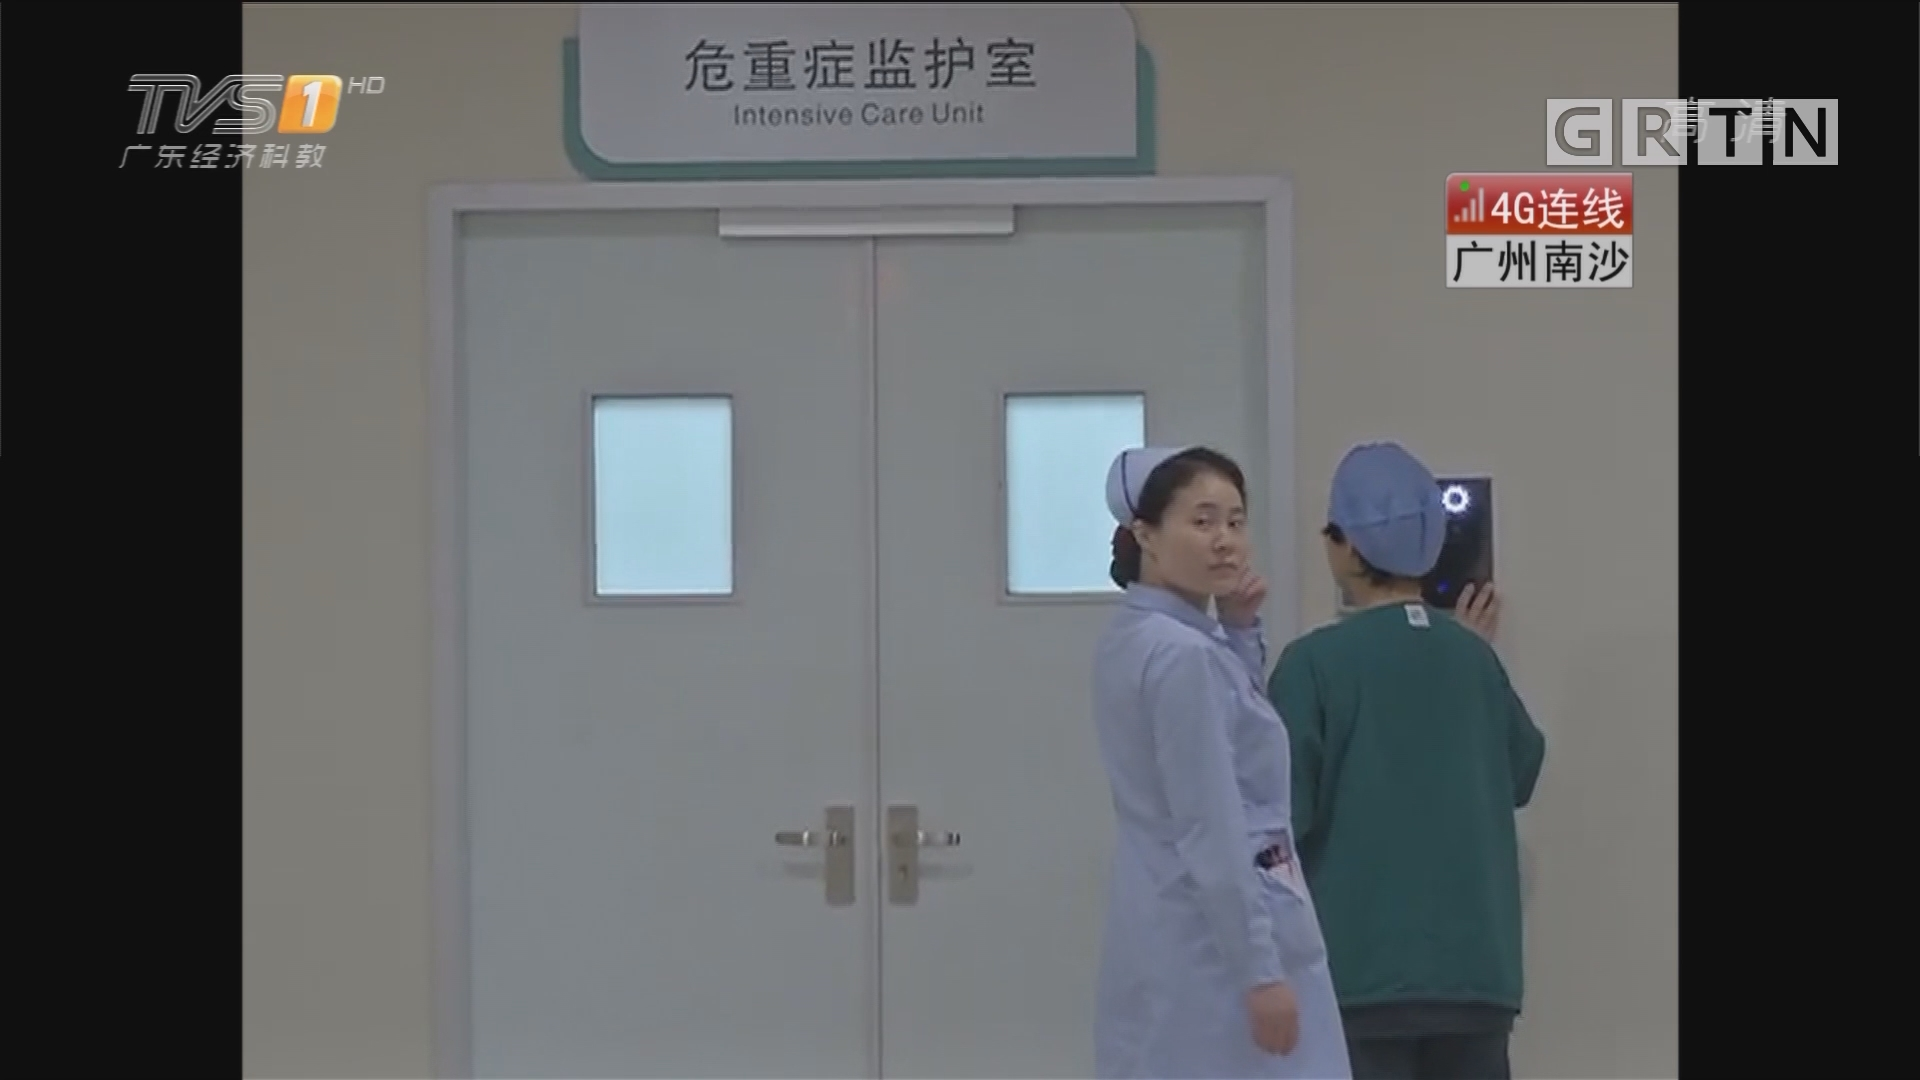 直播连线:南沙区第一人民医院 医院开辟绿色通道 通宵应急守候